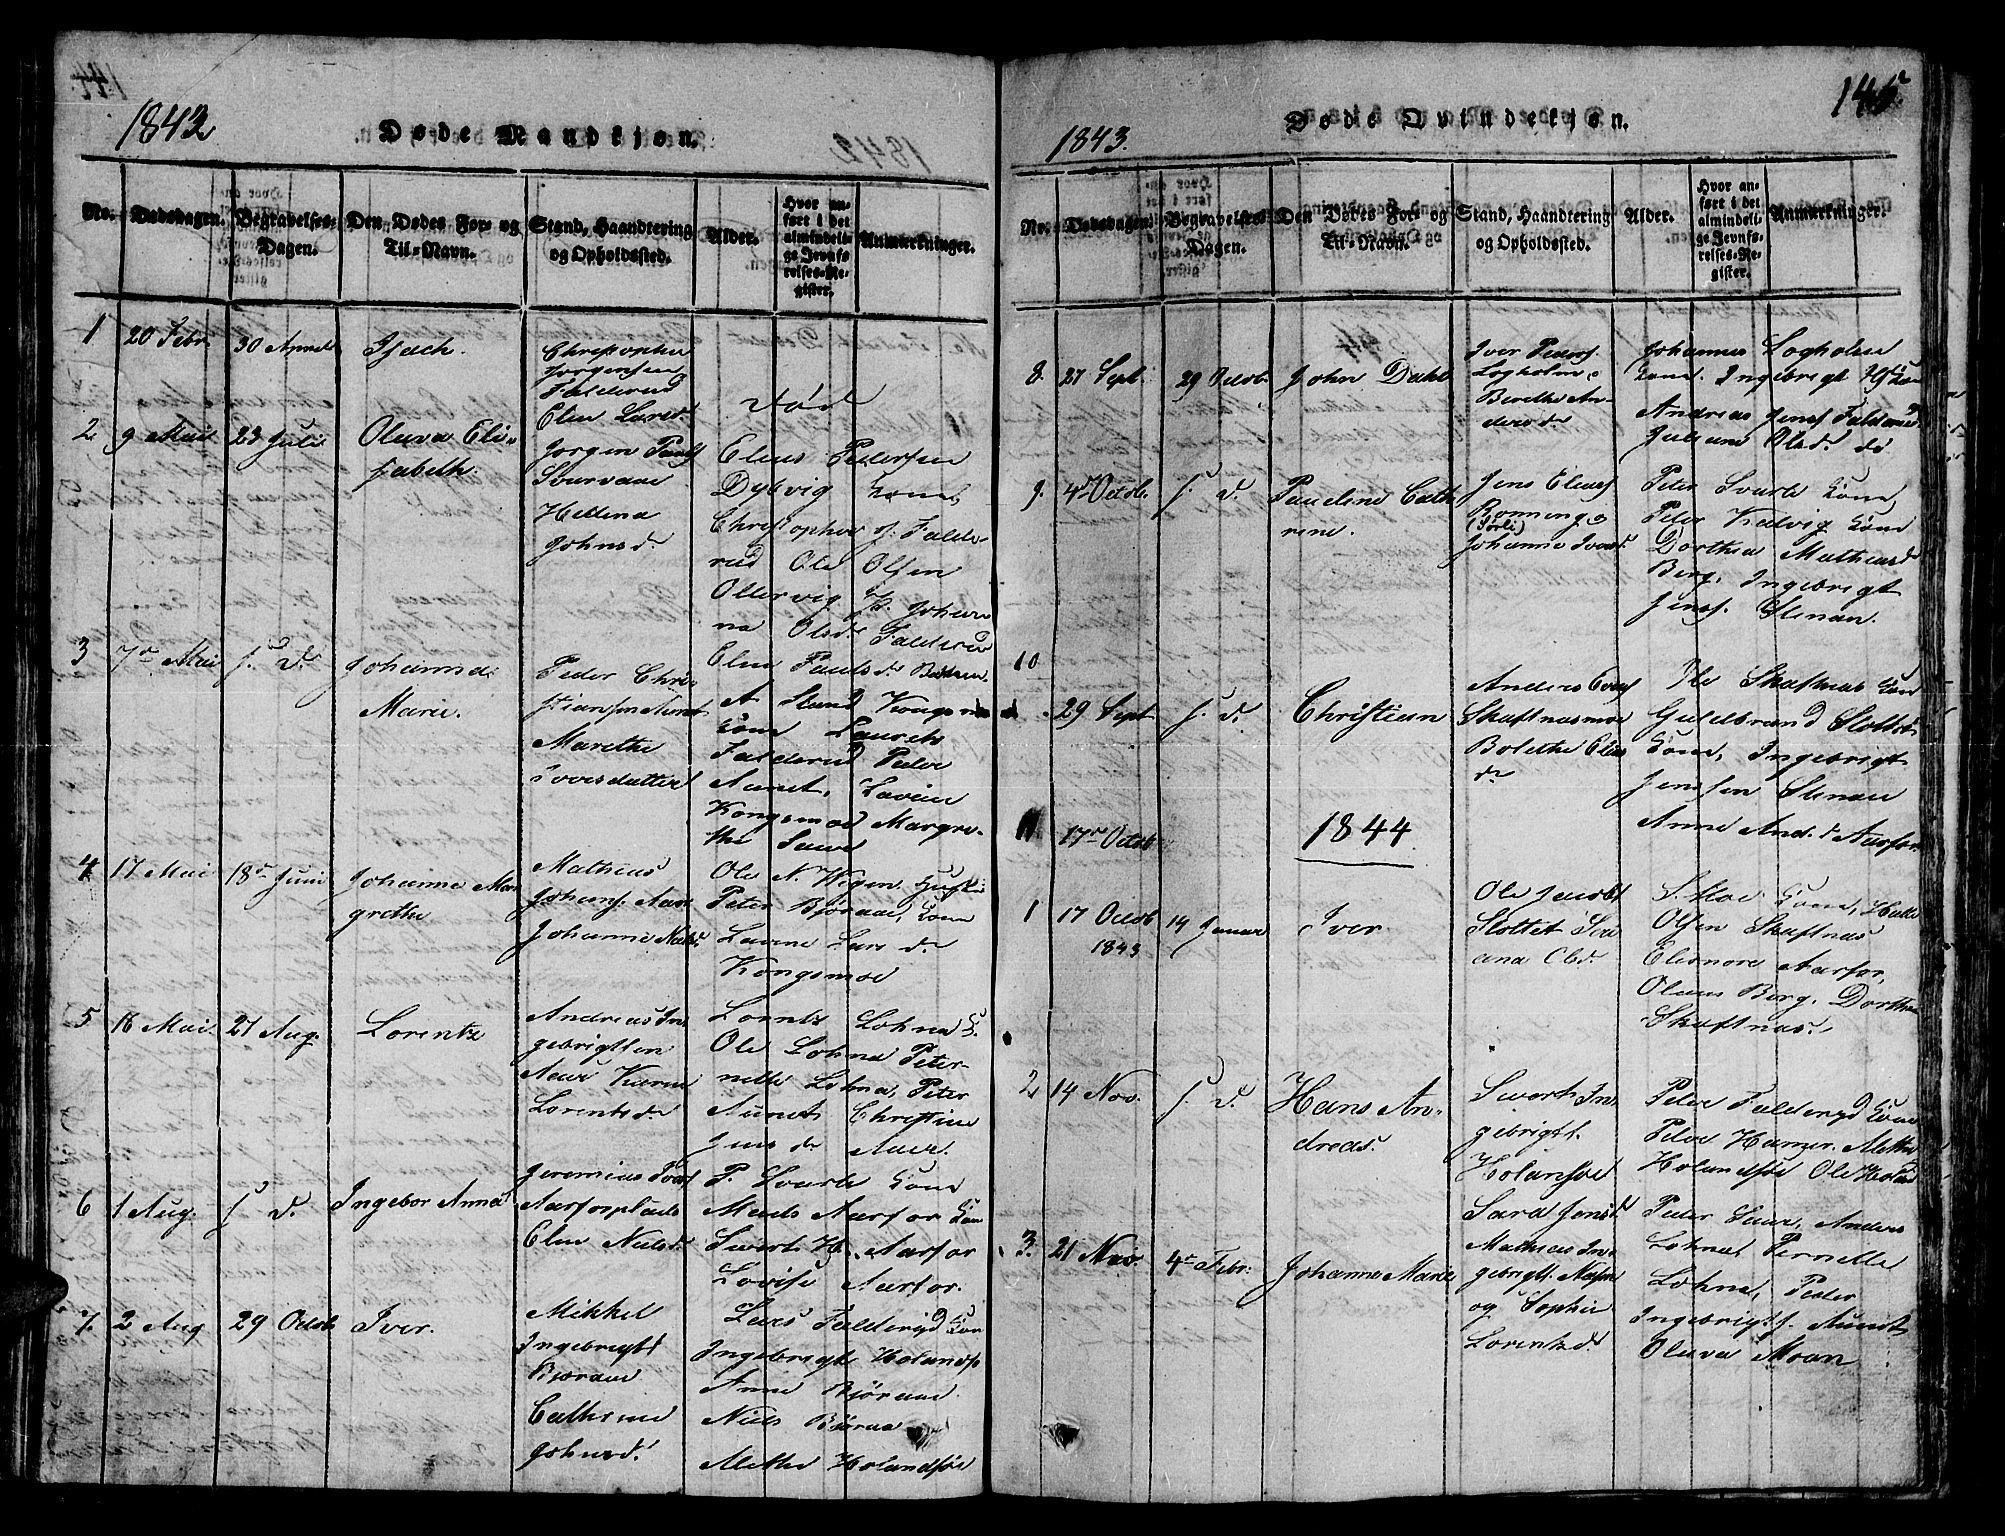 SAT, Ministerialprotokoller, klokkerbøker og fødselsregistre - Nord-Trøndelag, 780/L0648: Klokkerbok nr. 780C01 /3, 1815-1877, s. 145